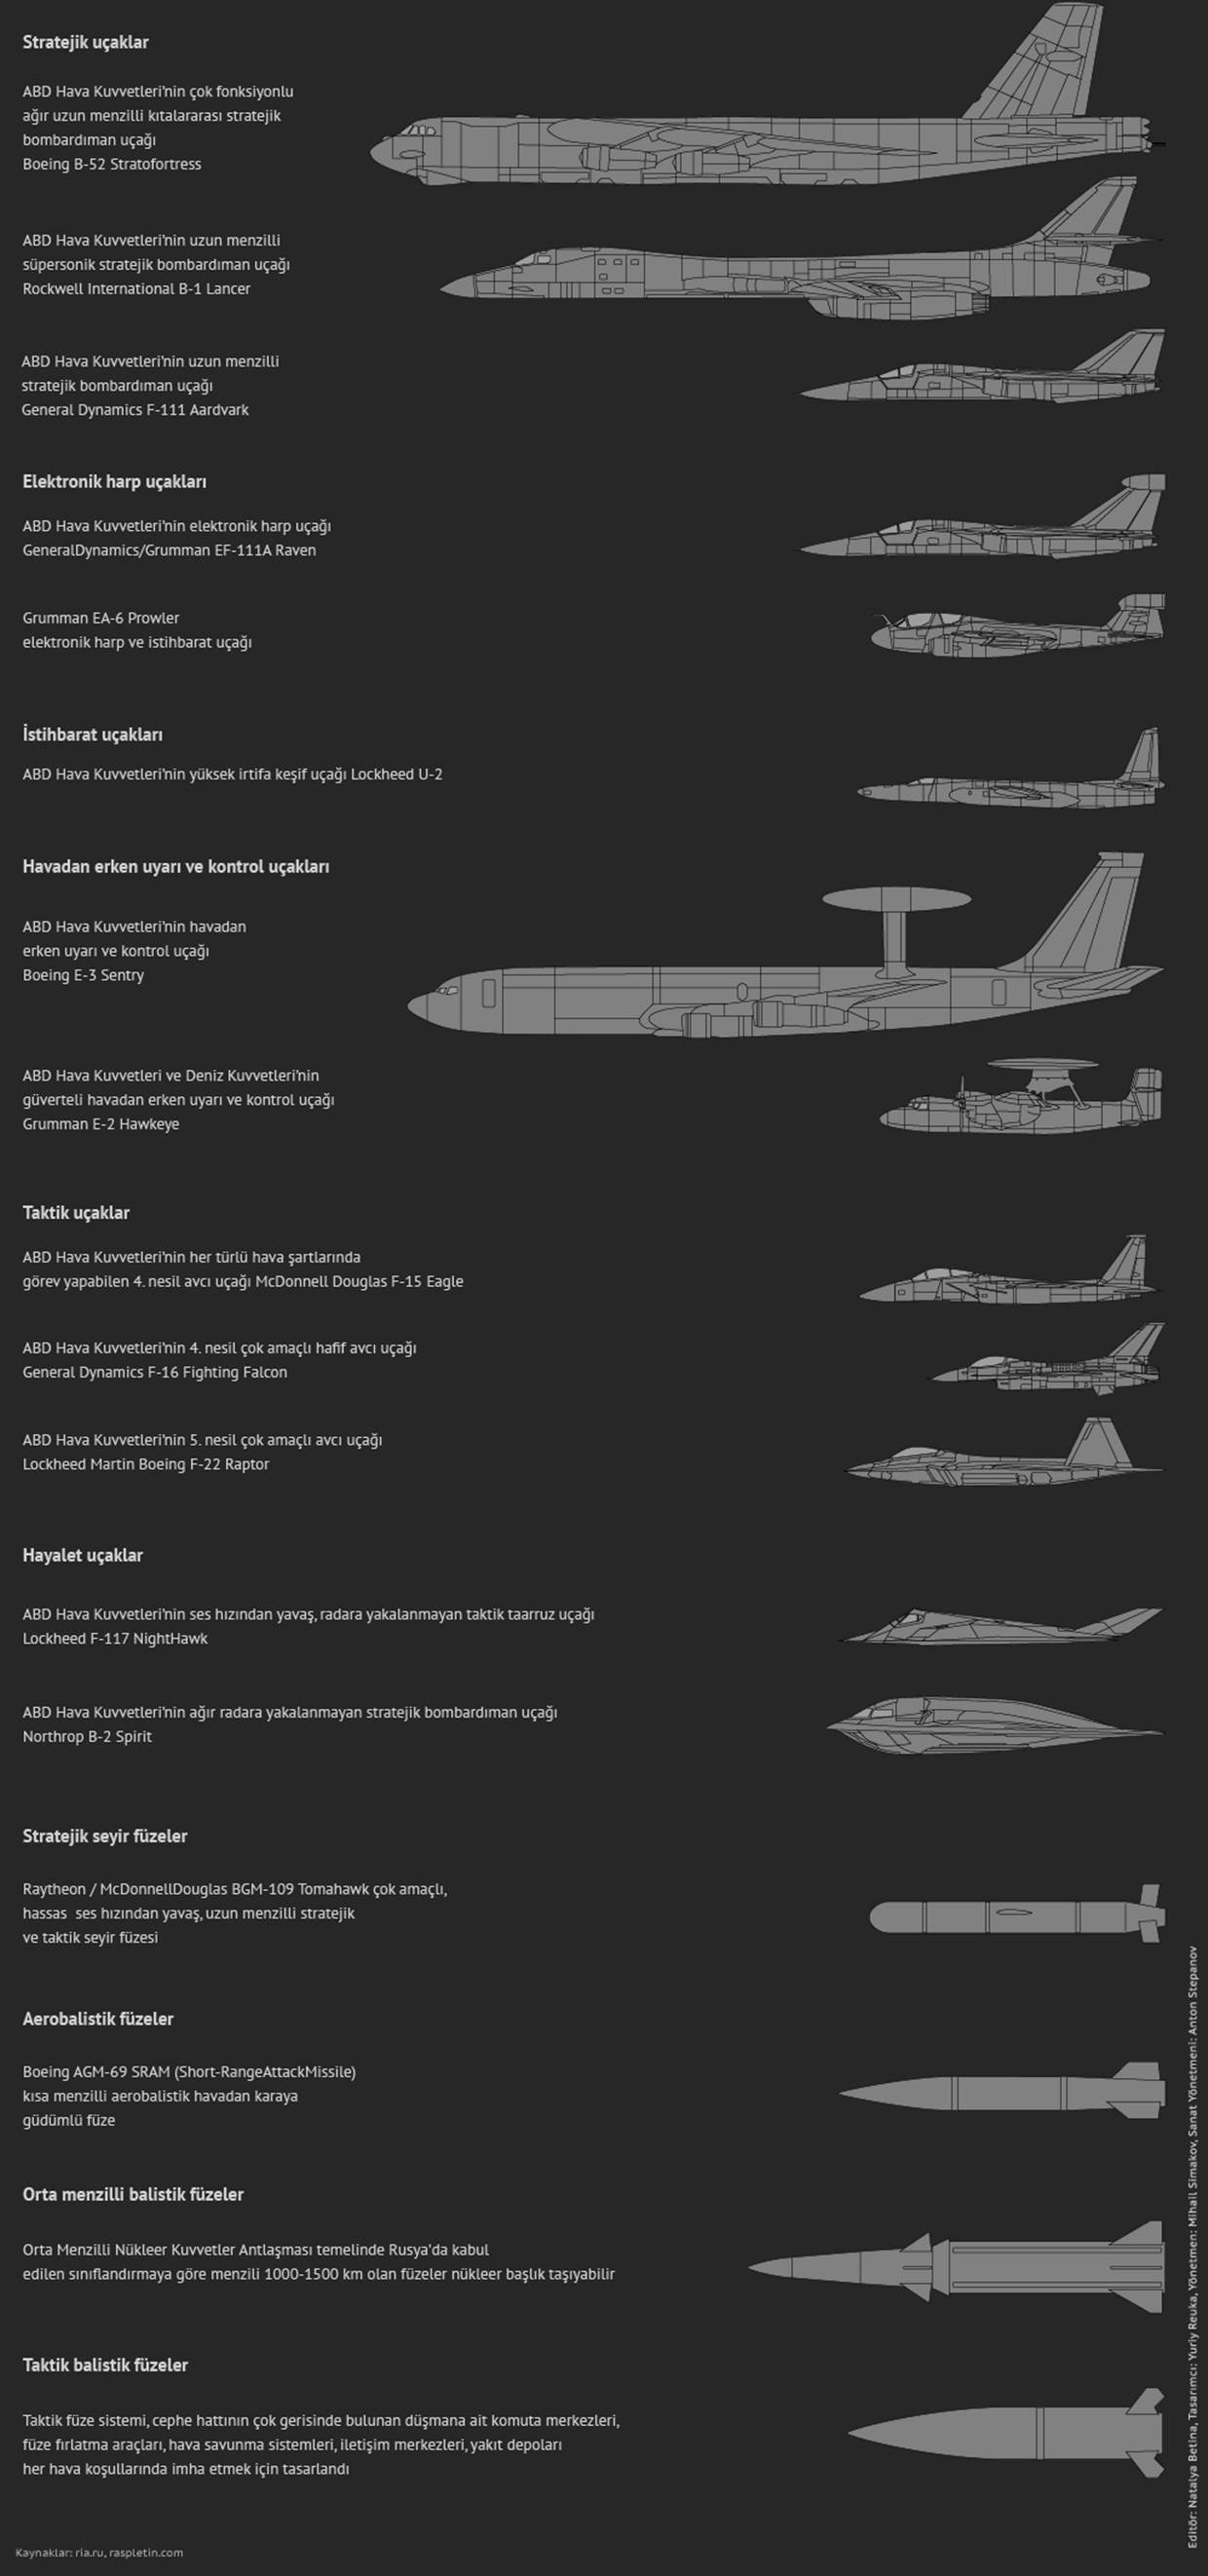 S-400 Hava Savunma Sistemlerine Dair Merak Edilen Her Şey